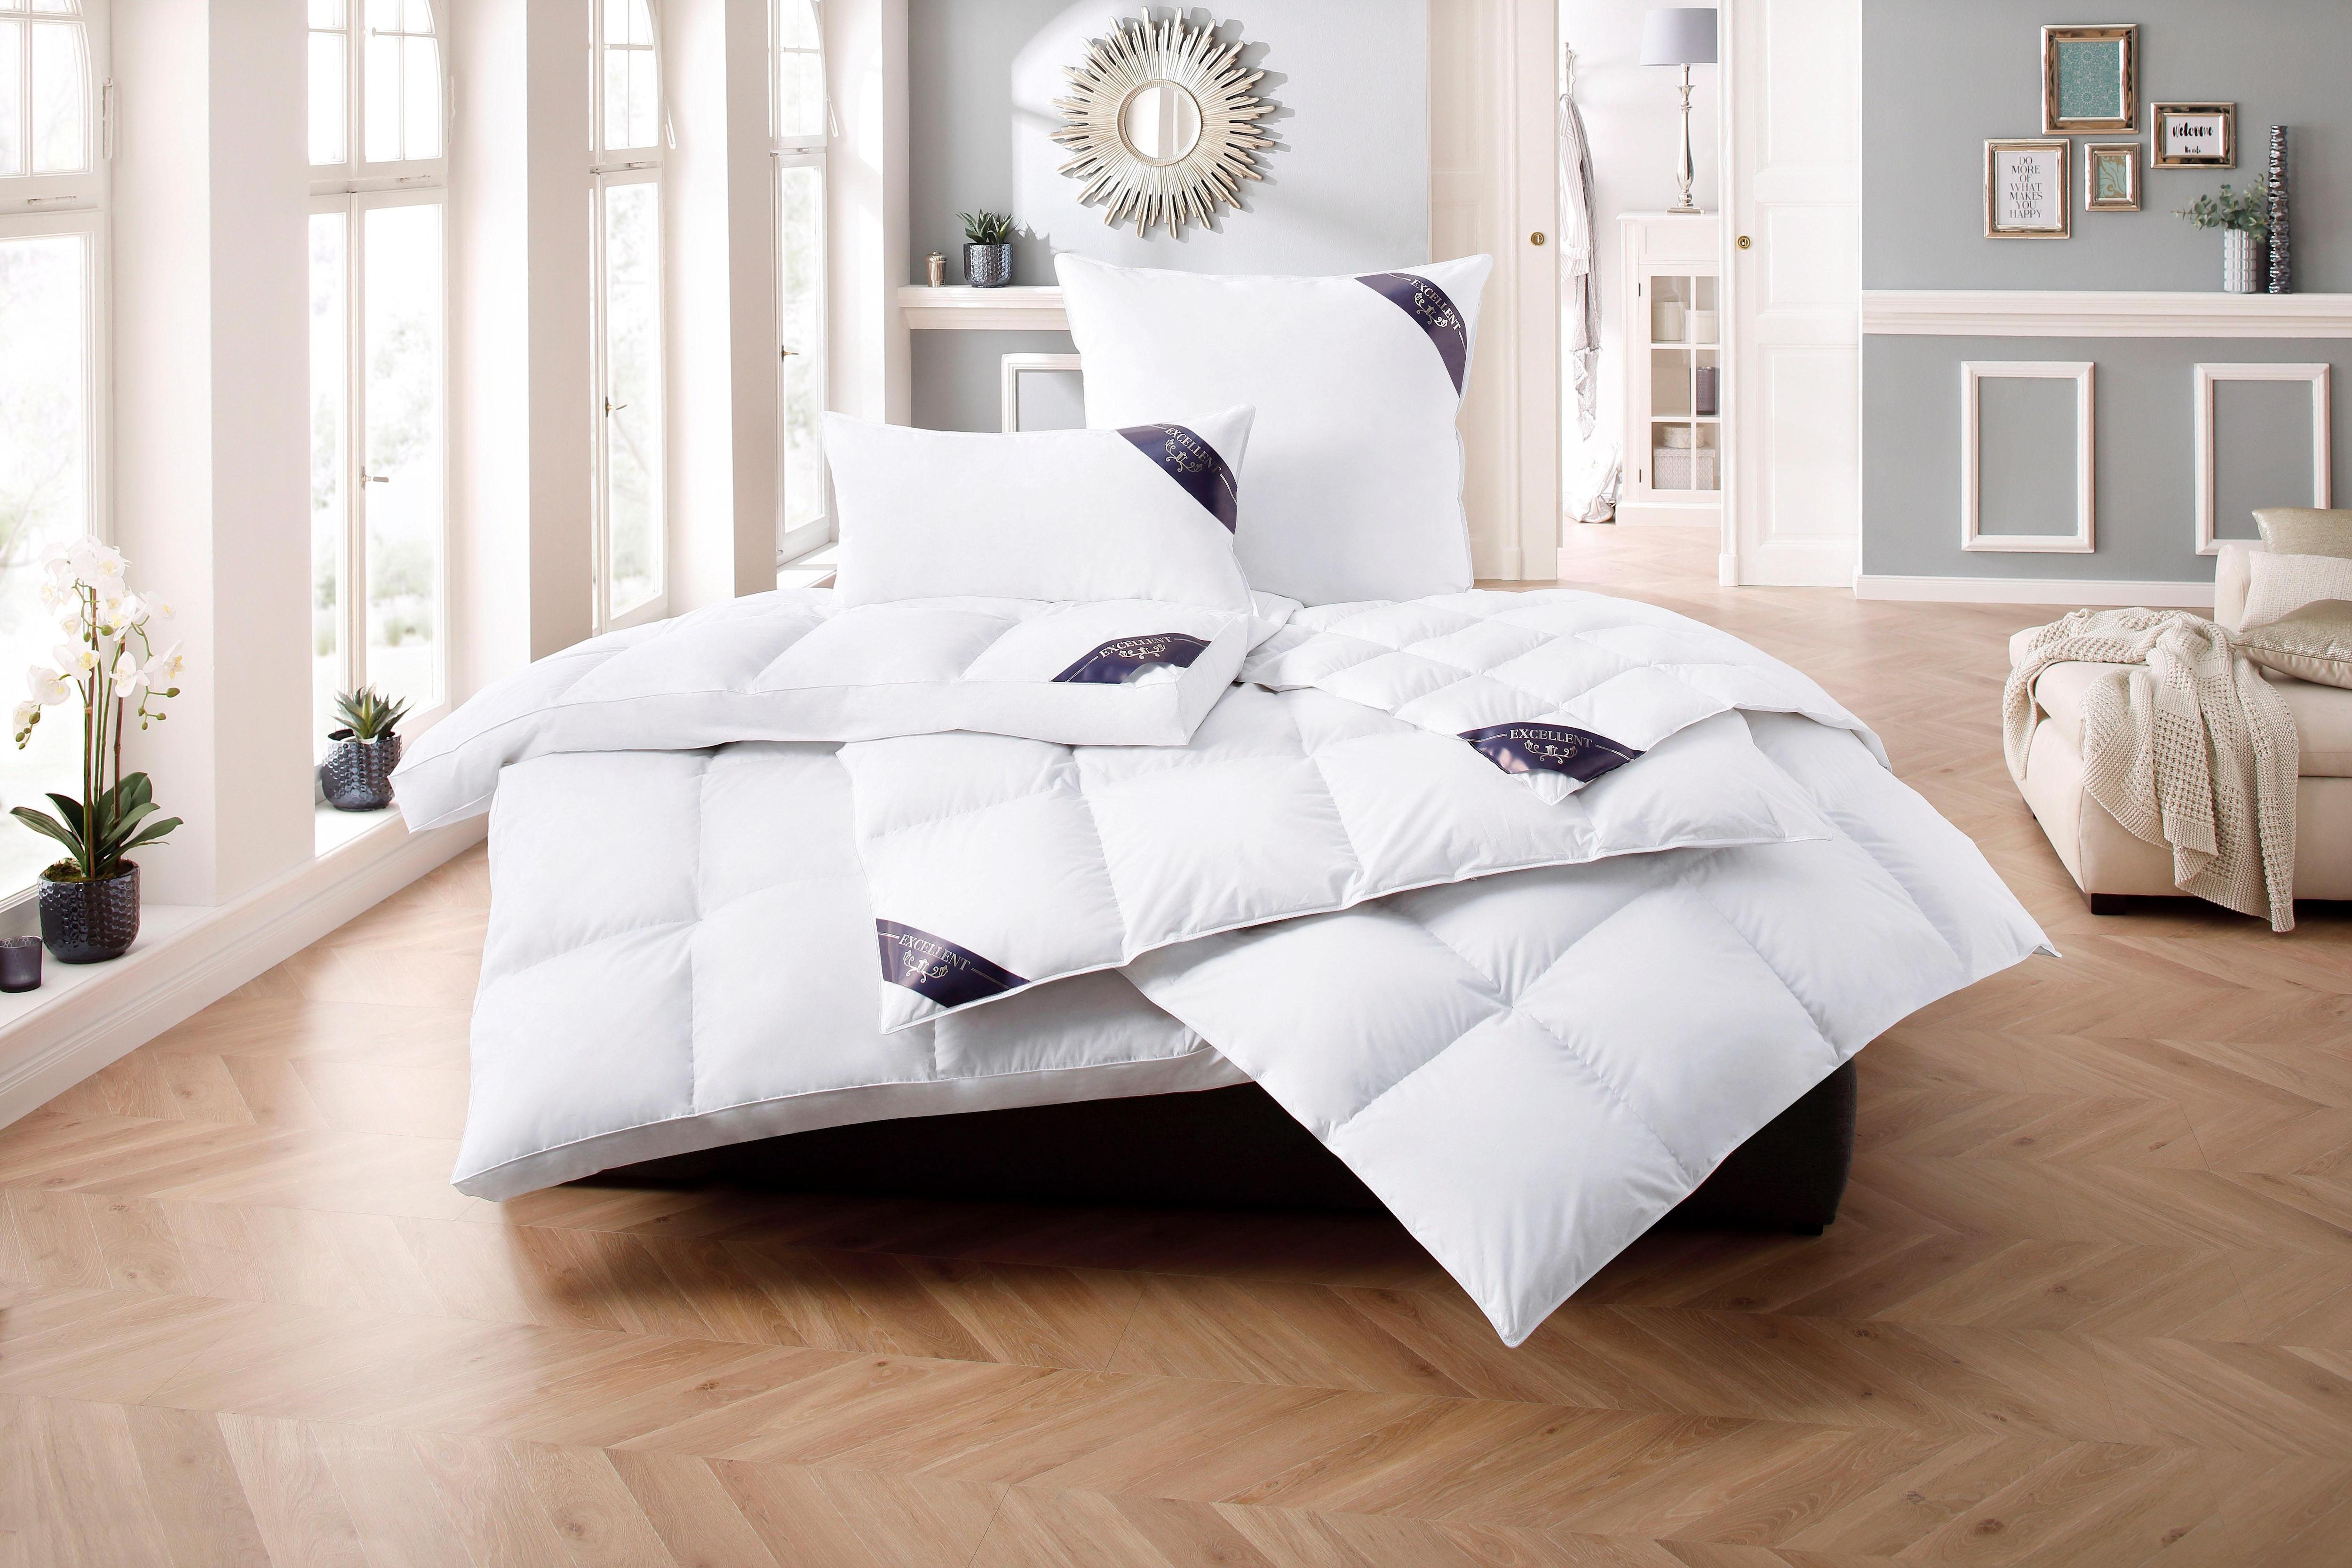 Daunenbettdecke + Federkissen Luxus Excellent polarwarm